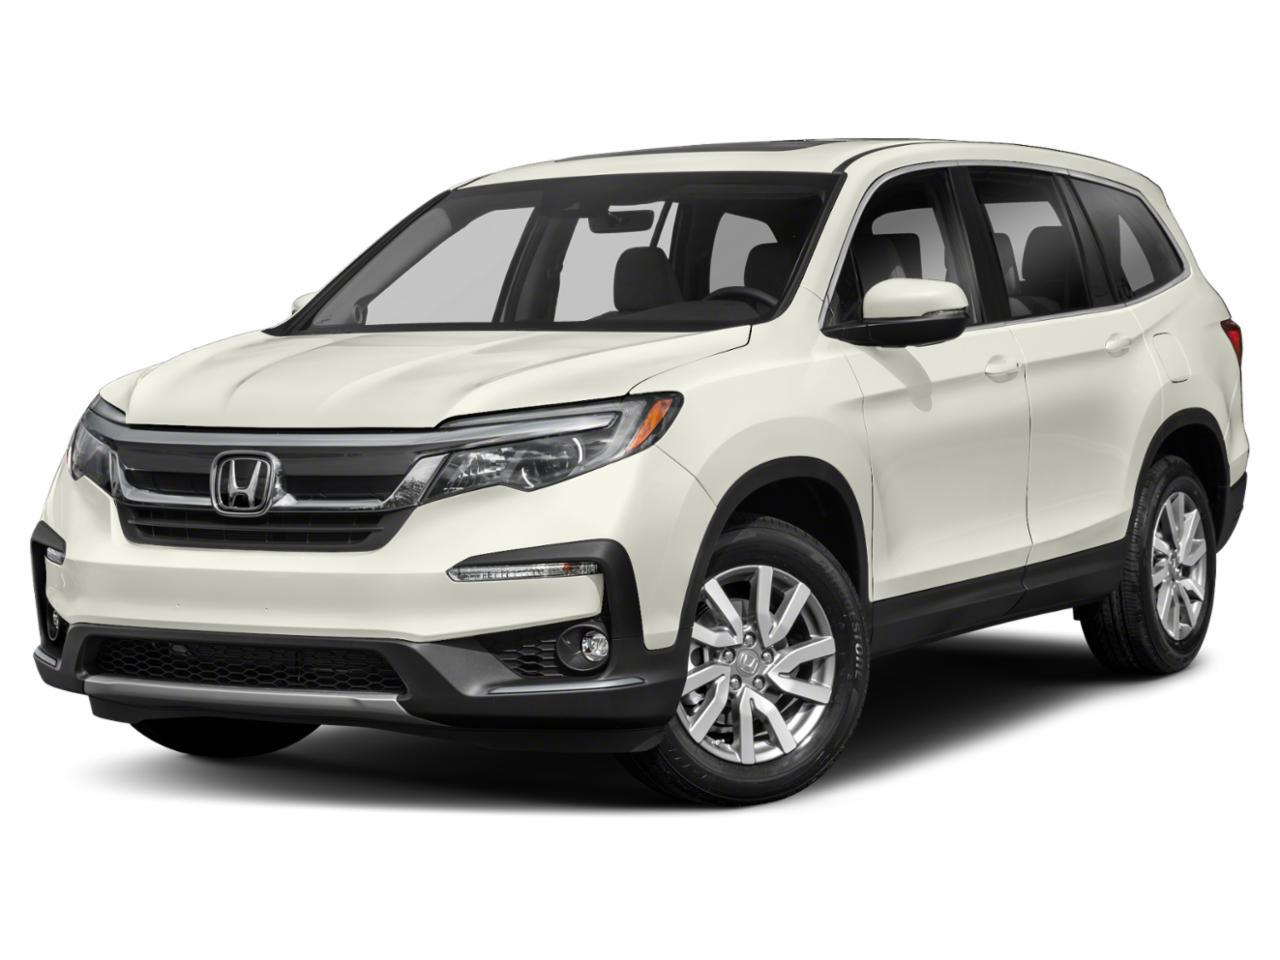 2019 Honda Pilot Vehicle Photo in Pittsburg, CA 94565